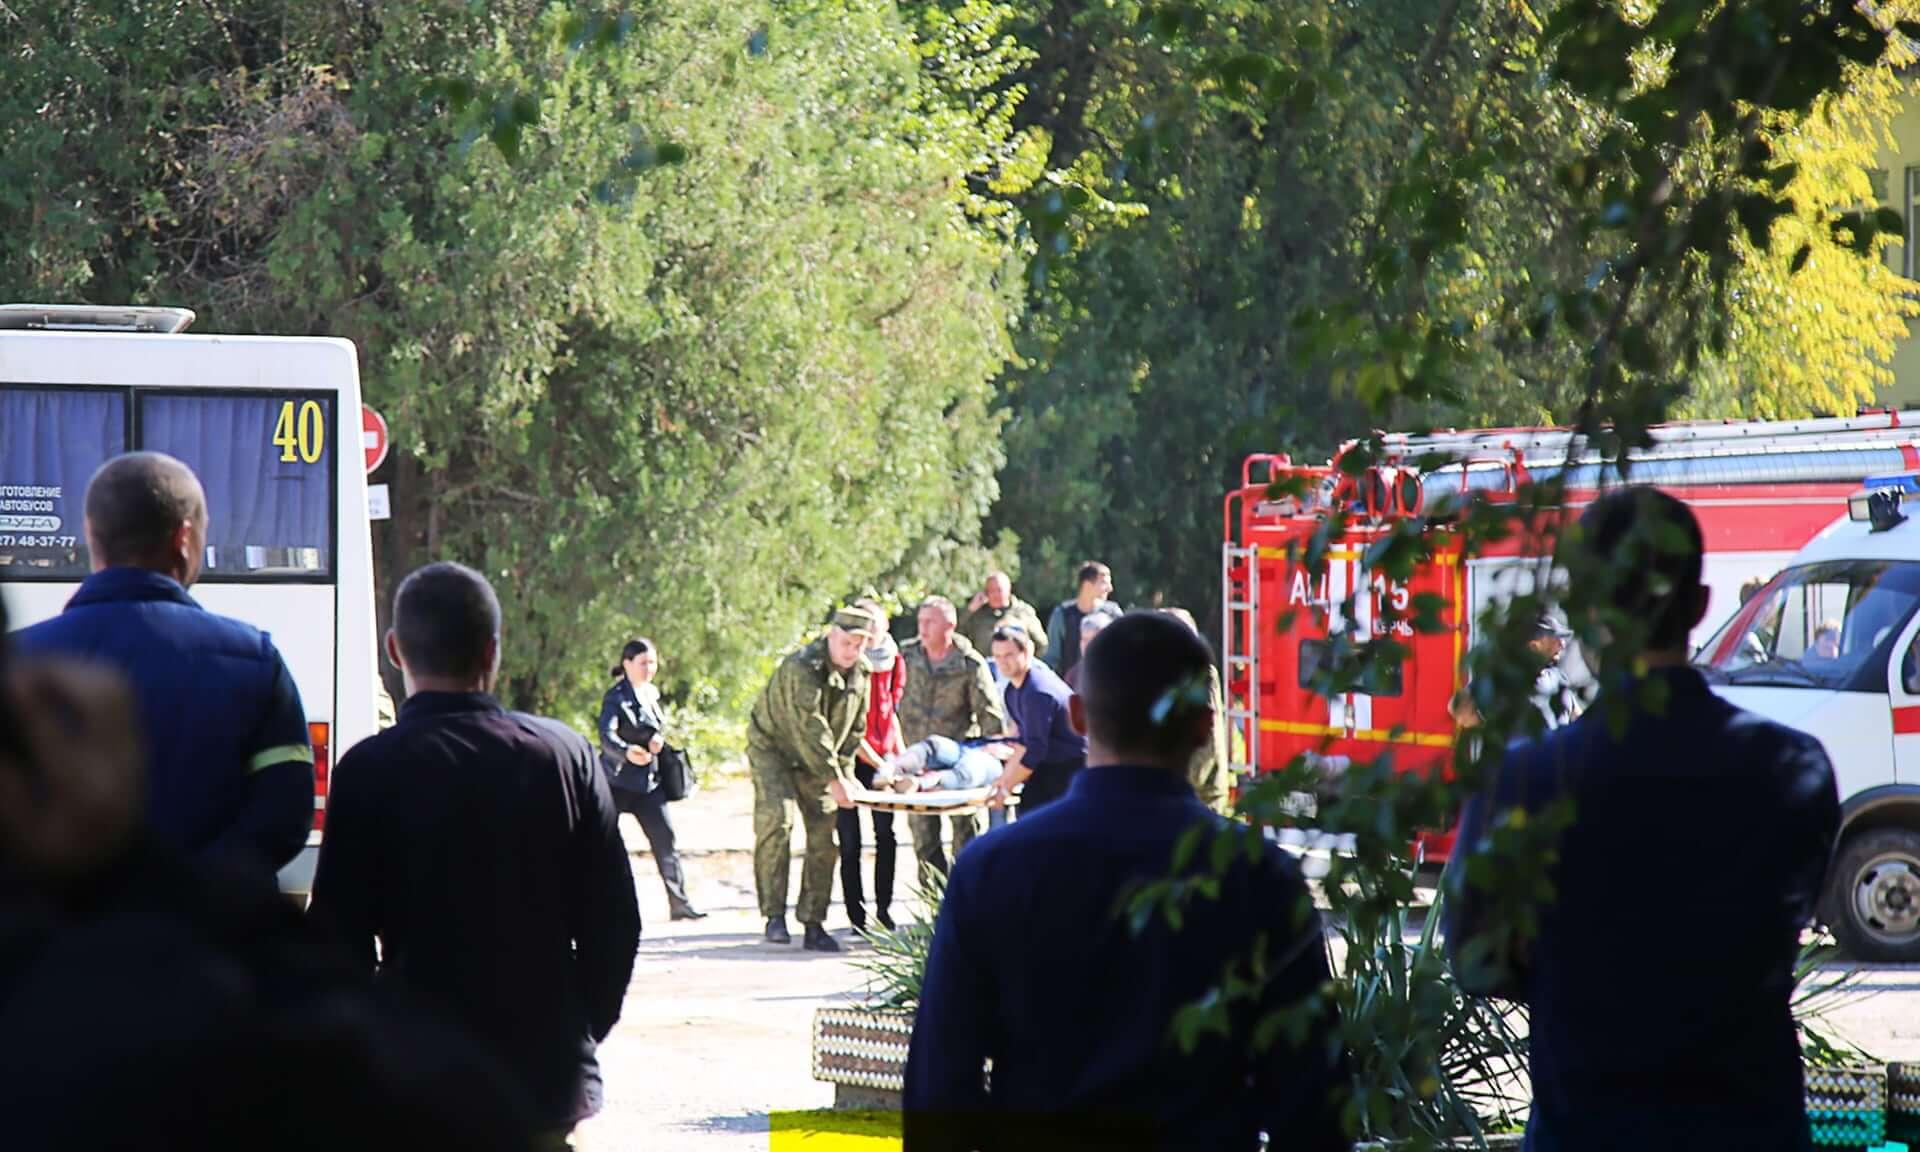 Así fue como un estudiante asesinó a 19 personas en Crimea con una bomba y un fusil